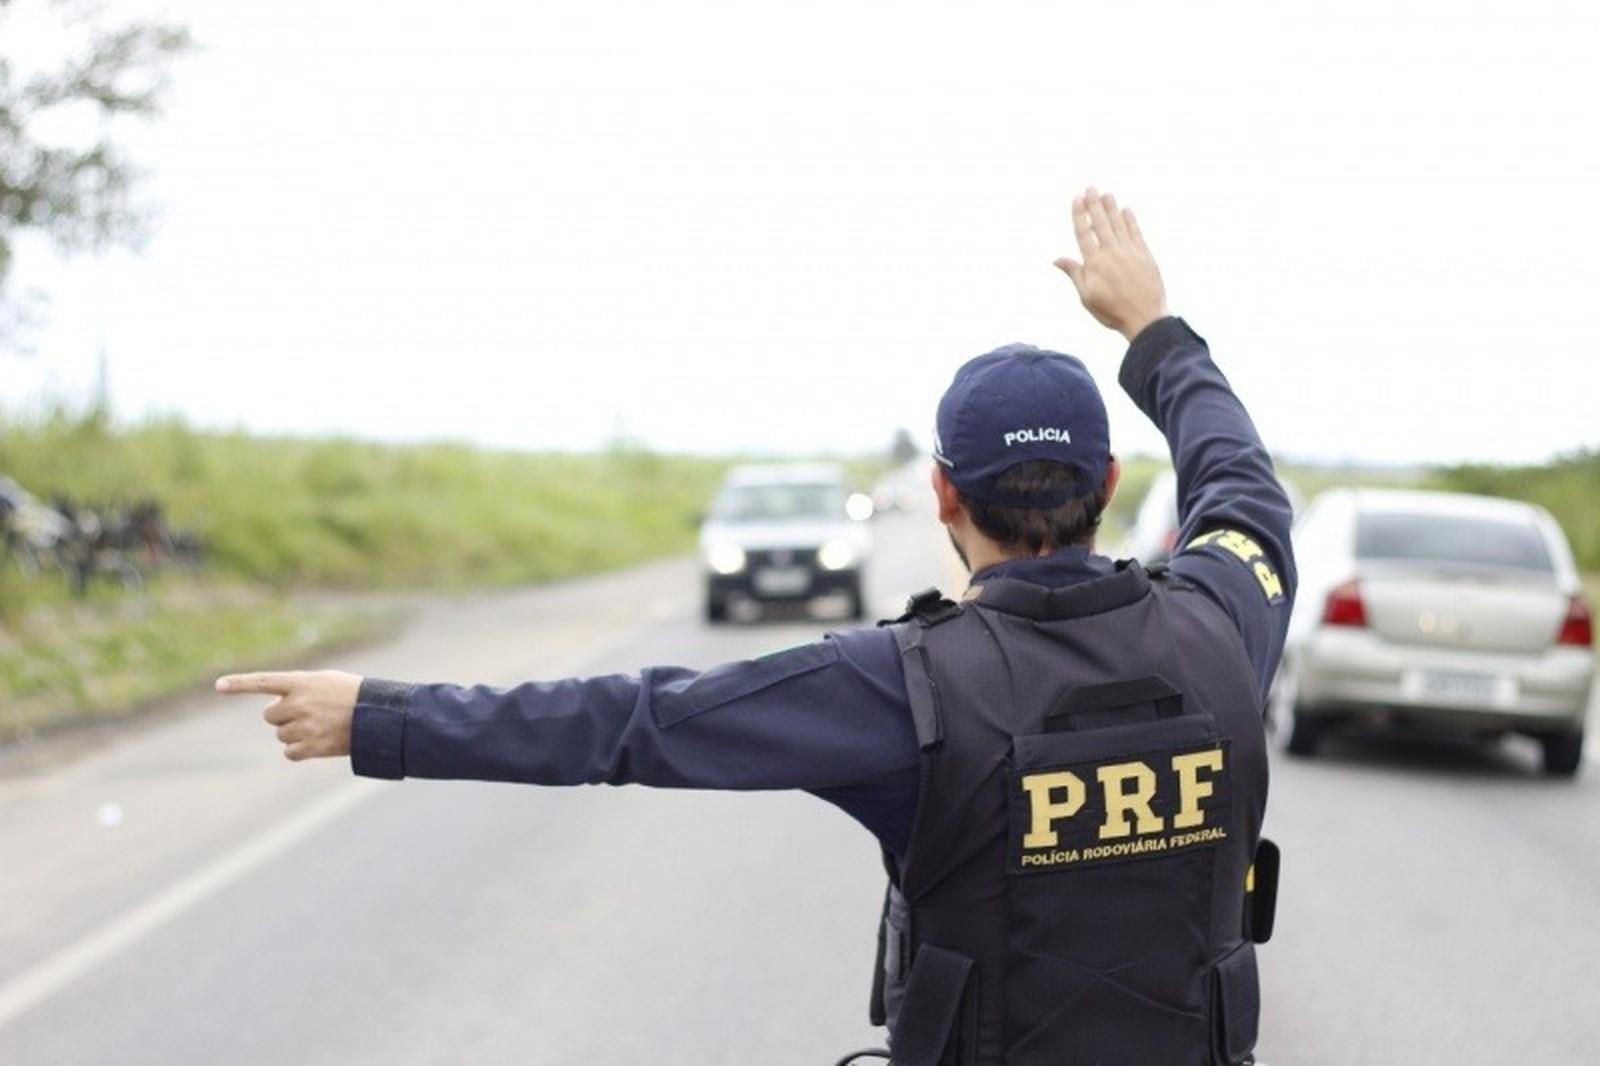 PRF lança Operação Proclamação da República